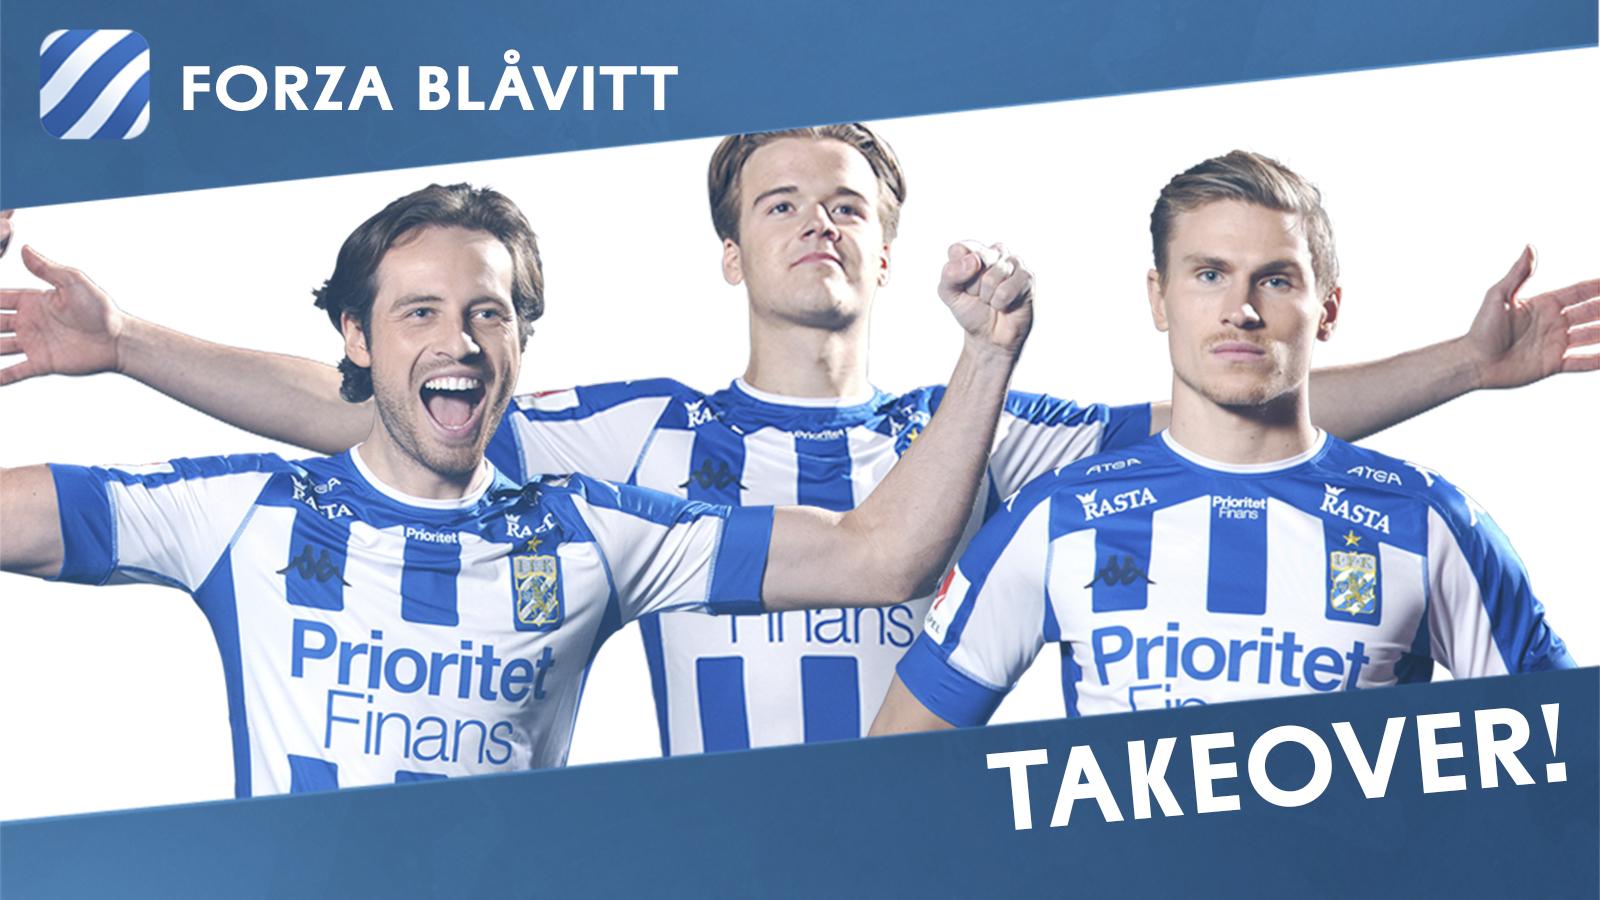 Takeover Forza Blåvitt